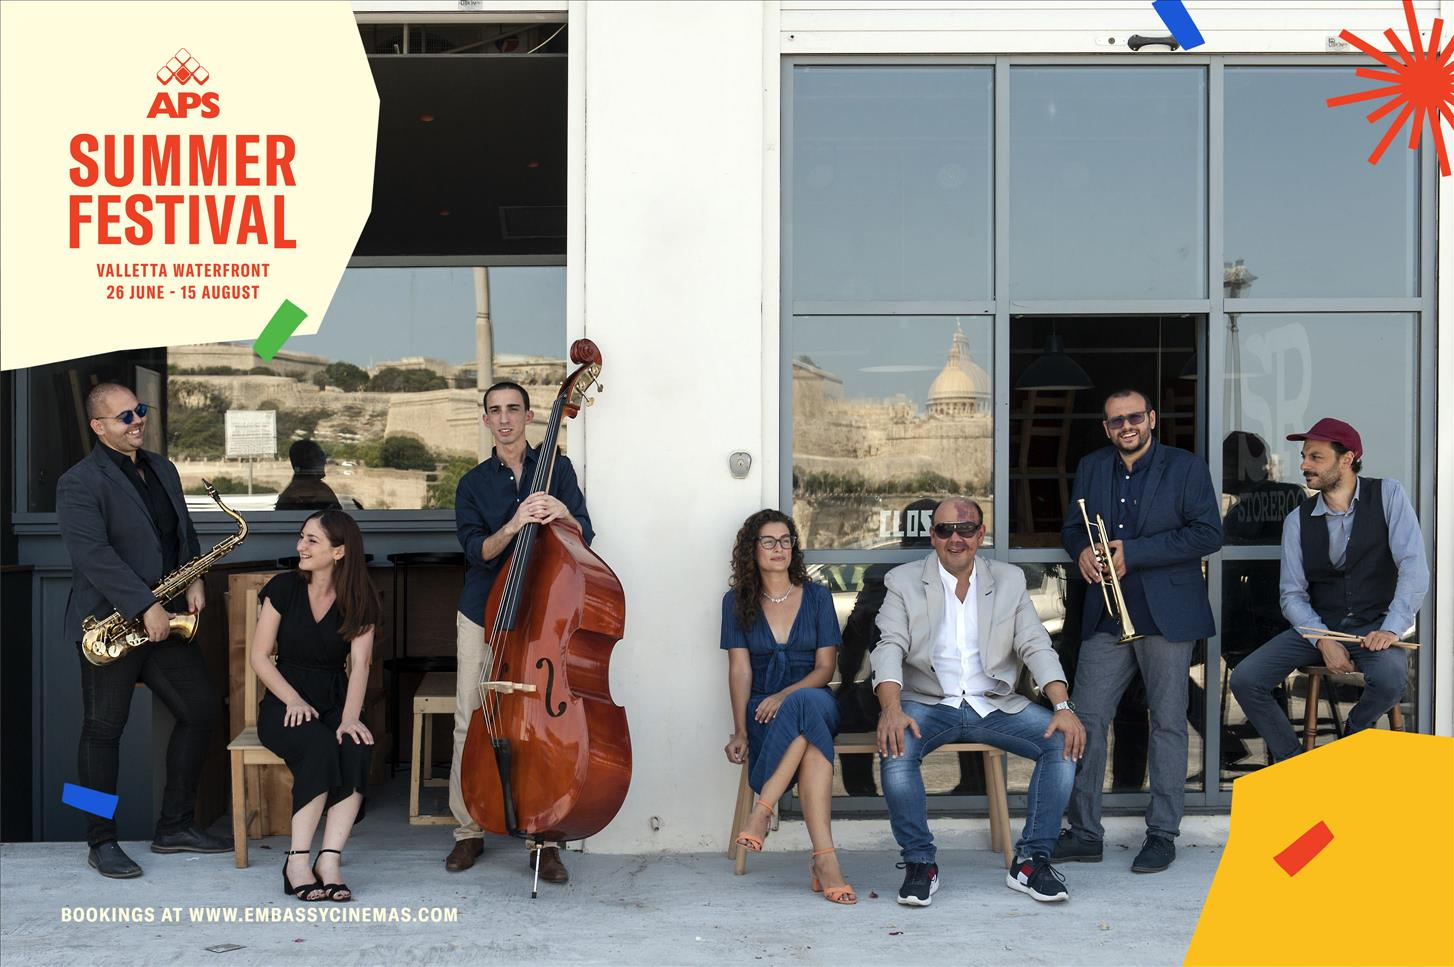 Ellington Night - APS Summer Festival flyer